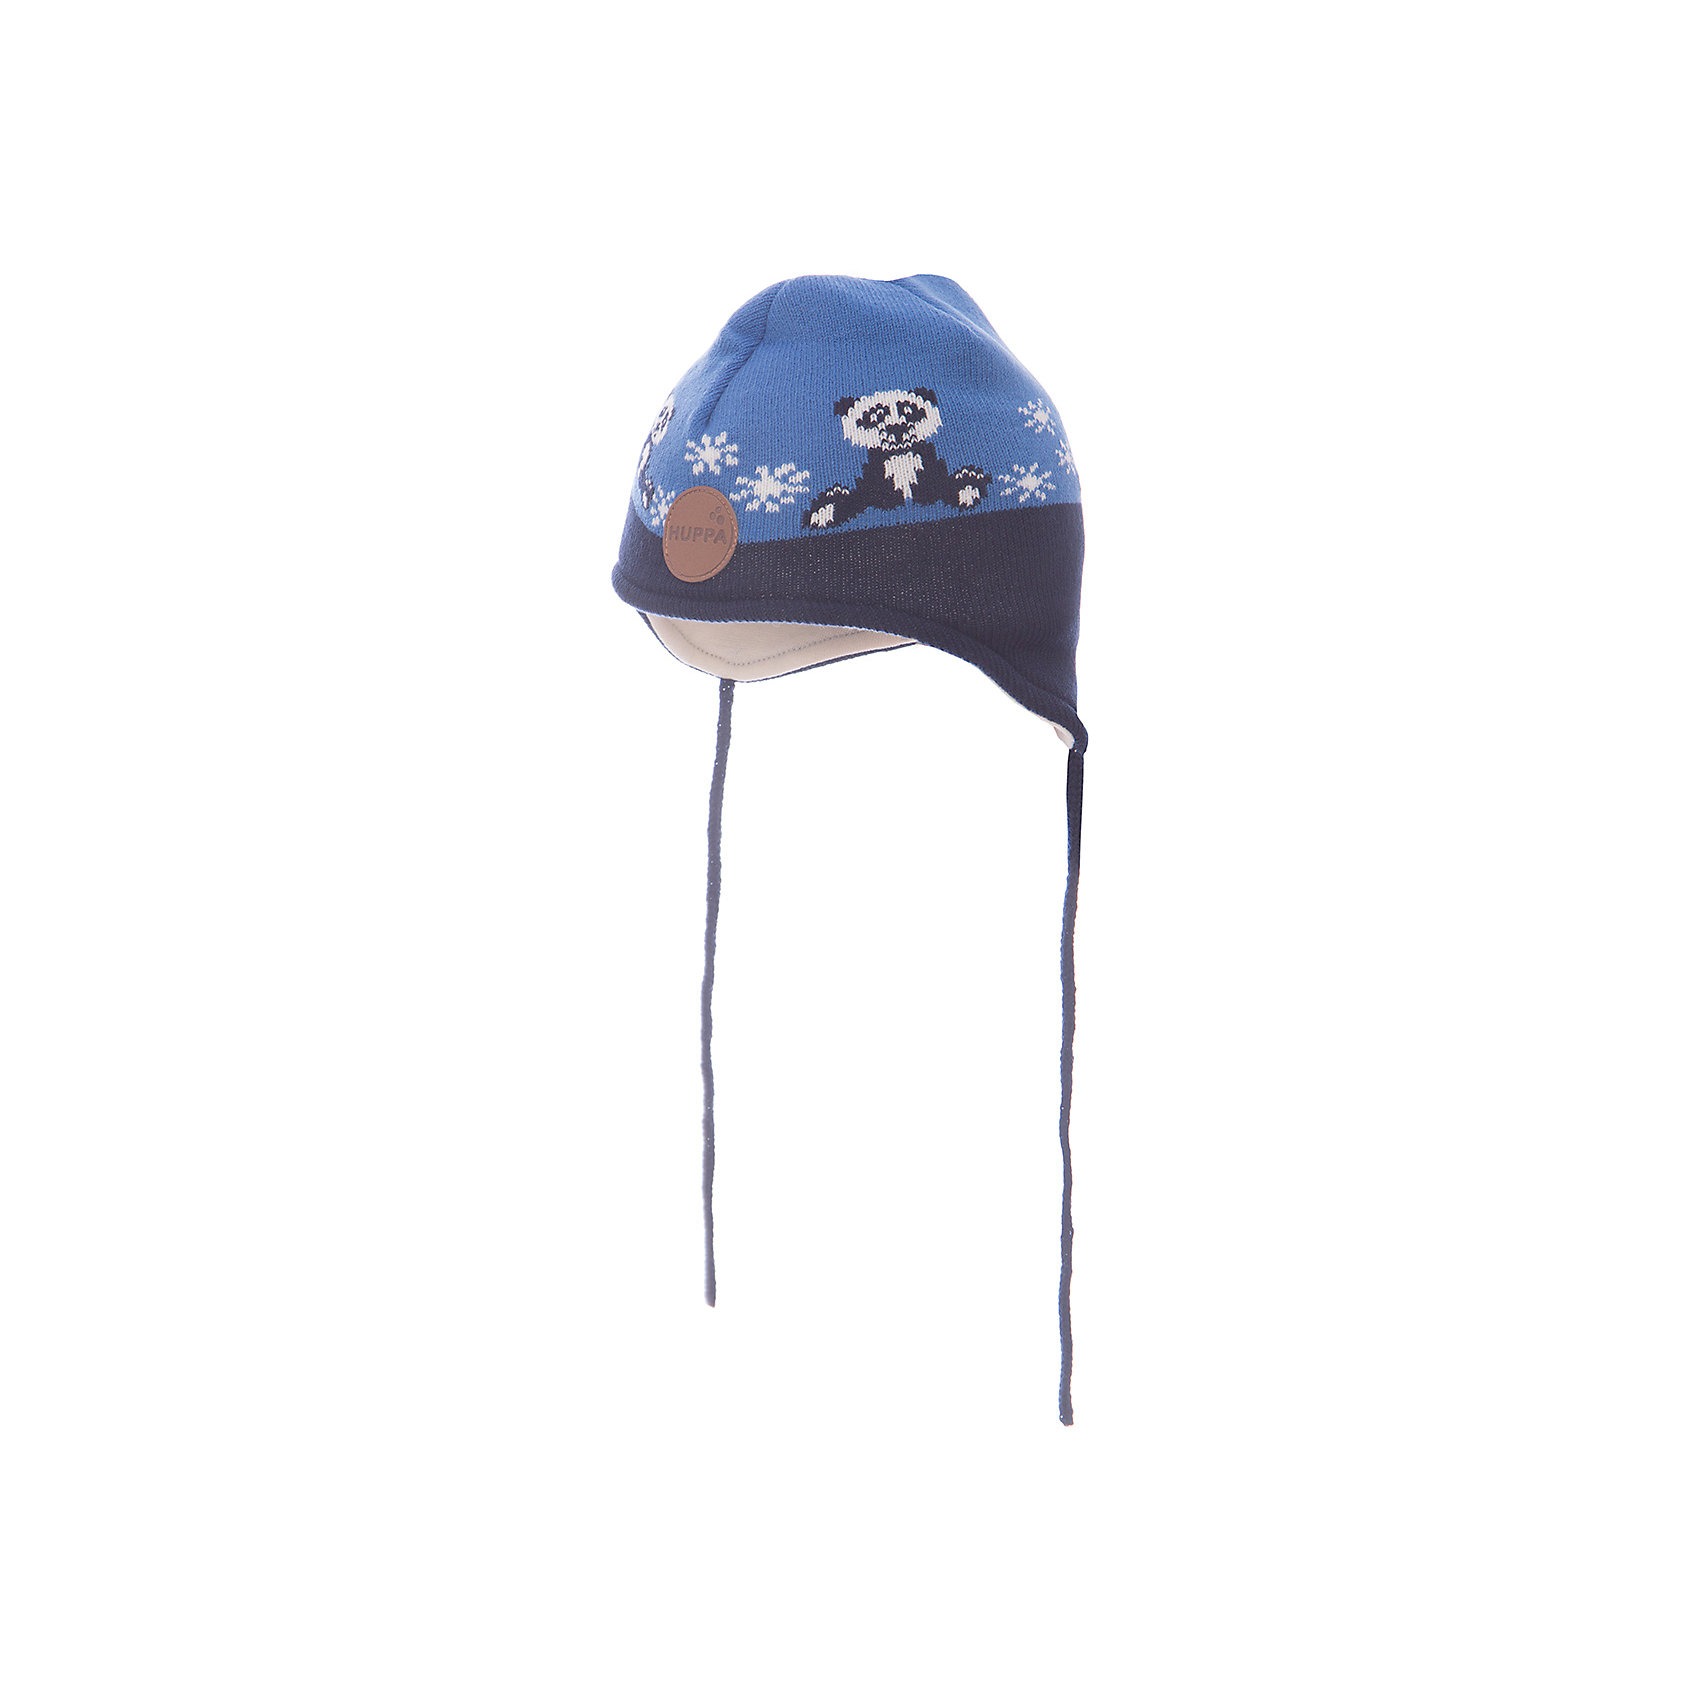 Шапка Huppa Karro 1Головные уборы<br>Характеристики товара:<br><br>• модель: Karro 1;<br>• цвет: синий;<br>• состав: шапка: 100% акрил; <br>• подкладка: 100% хлопок:<br>• утеплитель: 40 г/м2;<br>• сезон: зима<br>• температурный режим: от 0°С до -20°С;<br>• шапка на завязках;<br>• особенности: вязаная;<br>• страна бренда: Финляндия;<br>• страна изготовитель: Эстония.<br><br>Вязаная детская шапка Karro 1. Теплая вязанная шапочка, прекрасно подойдет для повседневных прогулок в холодную погоду. Шапка на мягкий завязках, не травмирующих нежную кожу.<br><br>Шапку Huppa Karro 1 (Хуппа) можно купить в нашем интернет-магазине.<br><br>Ширина мм: 89<br>Глубина мм: 117<br>Высота мм: 44<br>Вес г: 155<br>Цвет: синий<br>Возраст от месяцев: 3<br>Возраст до месяцев: 12<br>Пол: Унисекс<br>Возраст: Детский<br>Размер: 43-45,51-53,47-49<br>SKU: 7029444